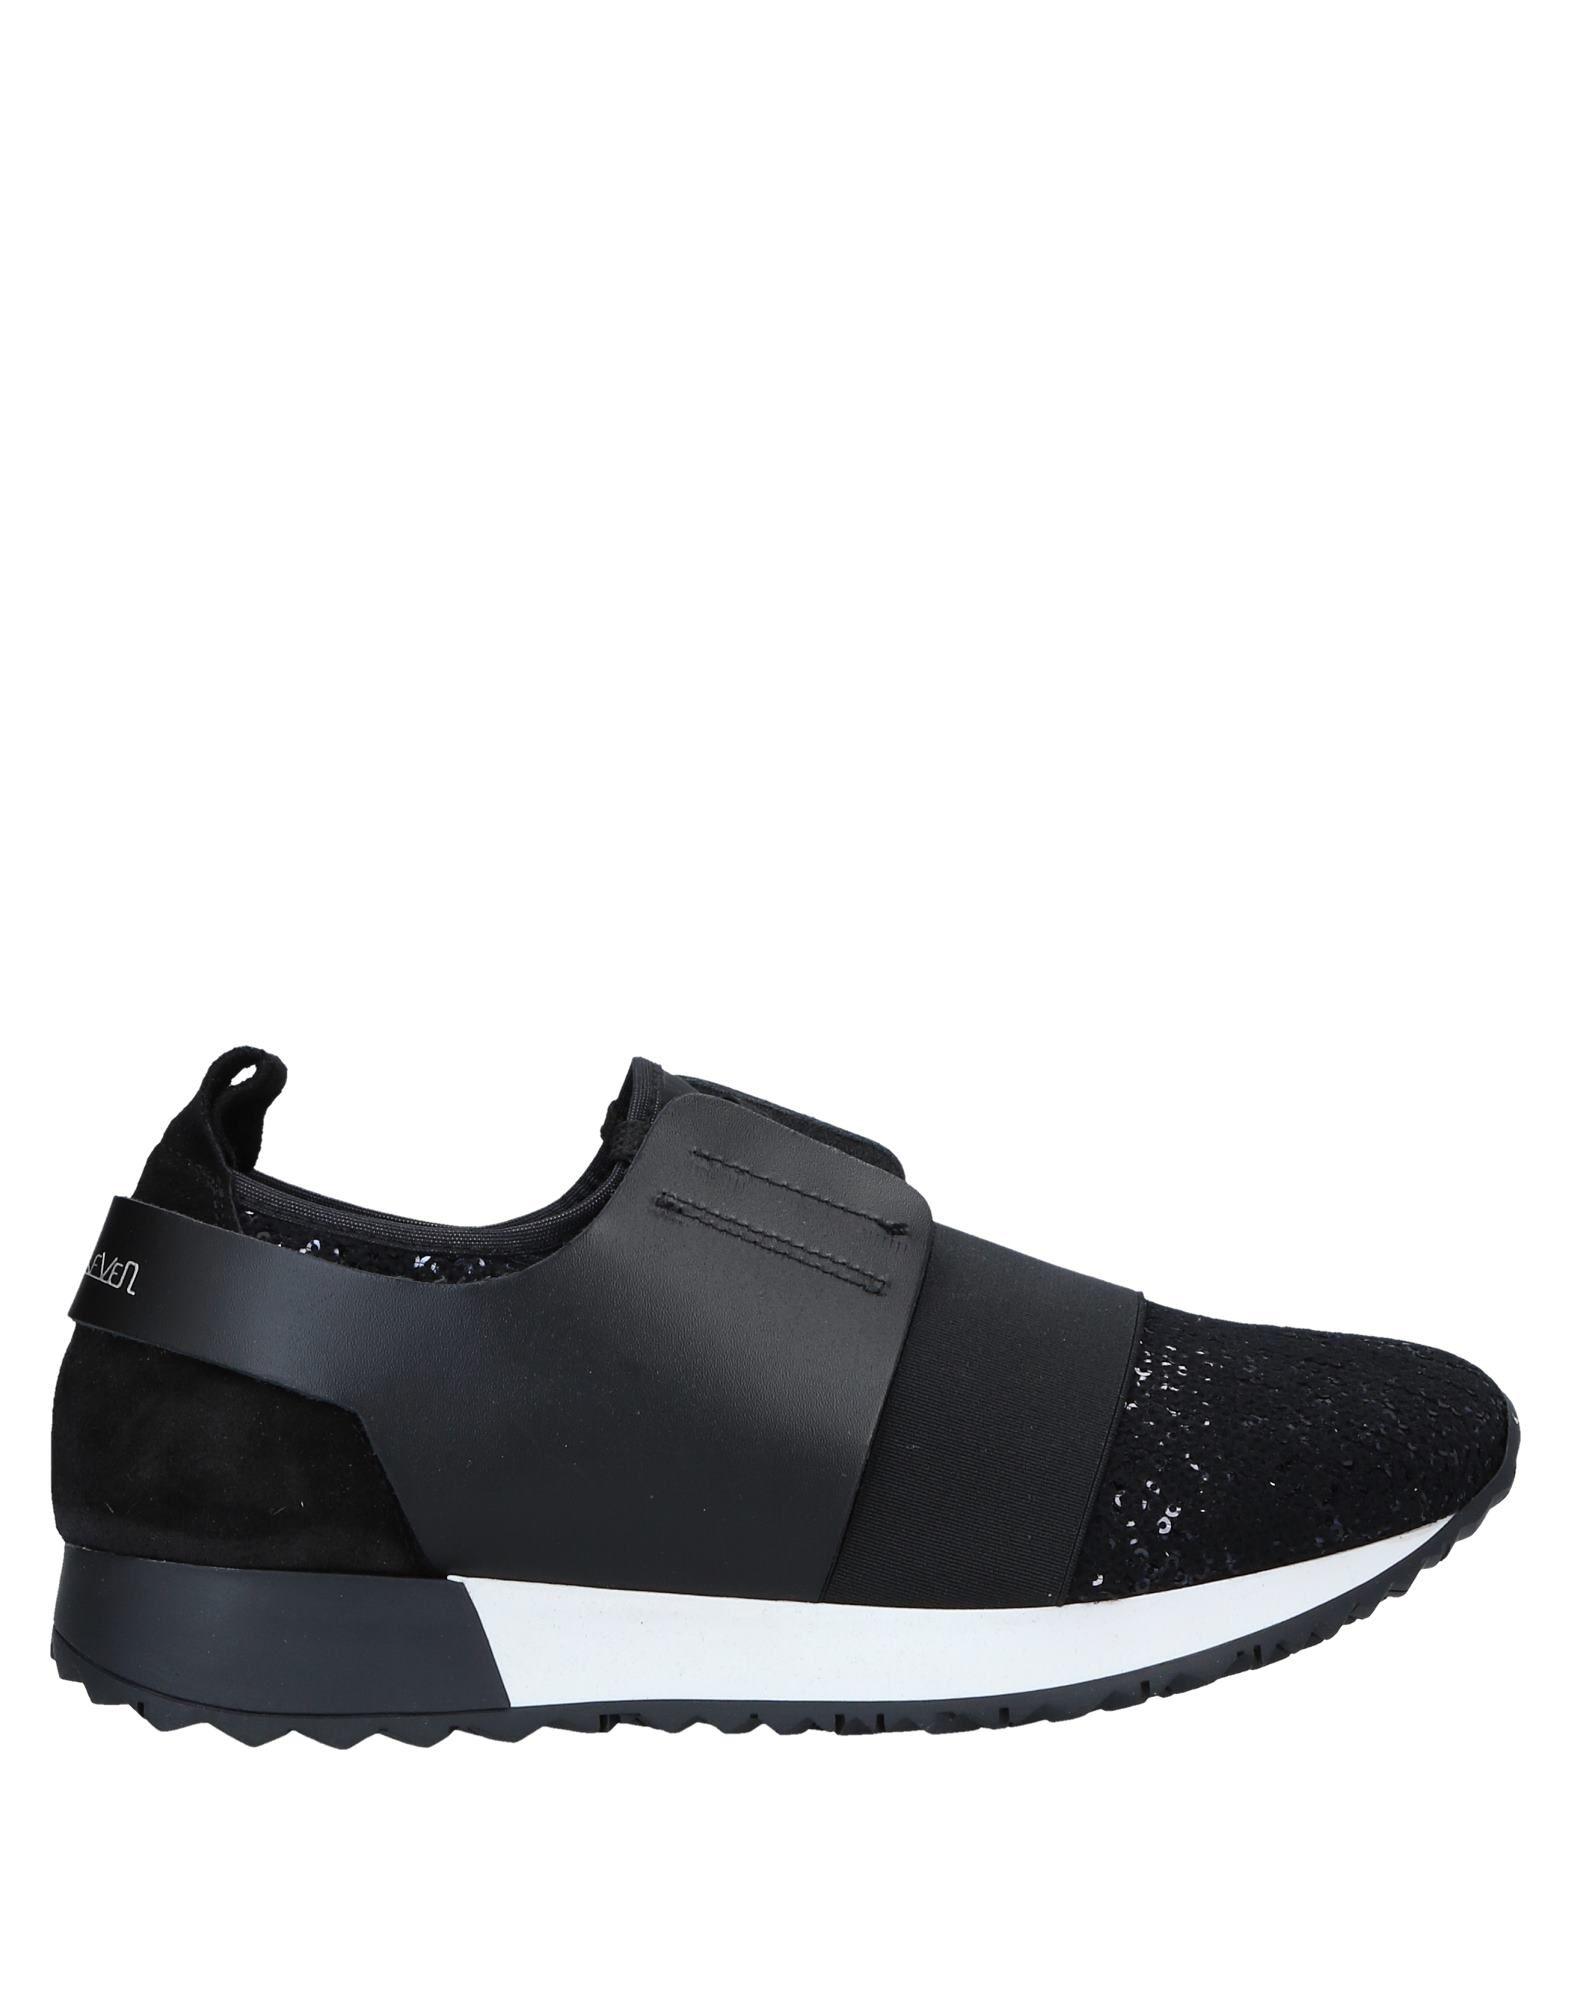 67 Sixtyseven Sneakers Damen  Schuhe 11542121GR Gute Qualität beliebte Schuhe  410510